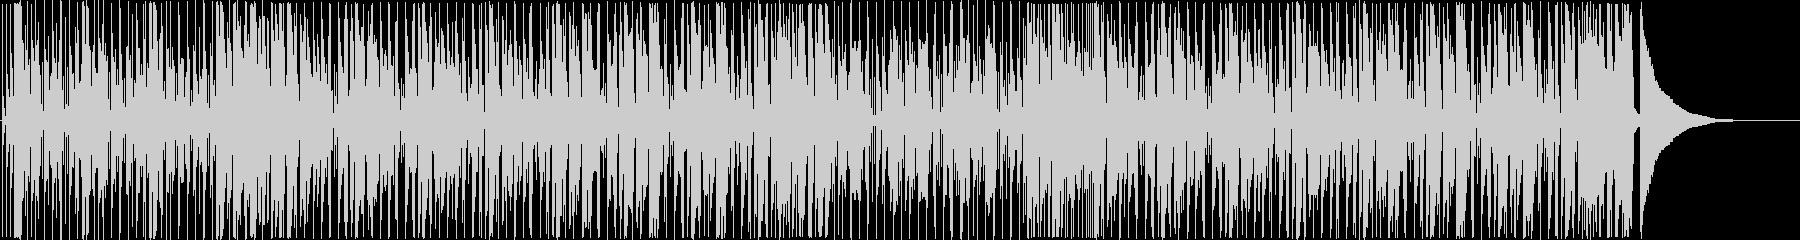 ラジオ・広告・動画/盛り上がる ファンクの未再生の波形